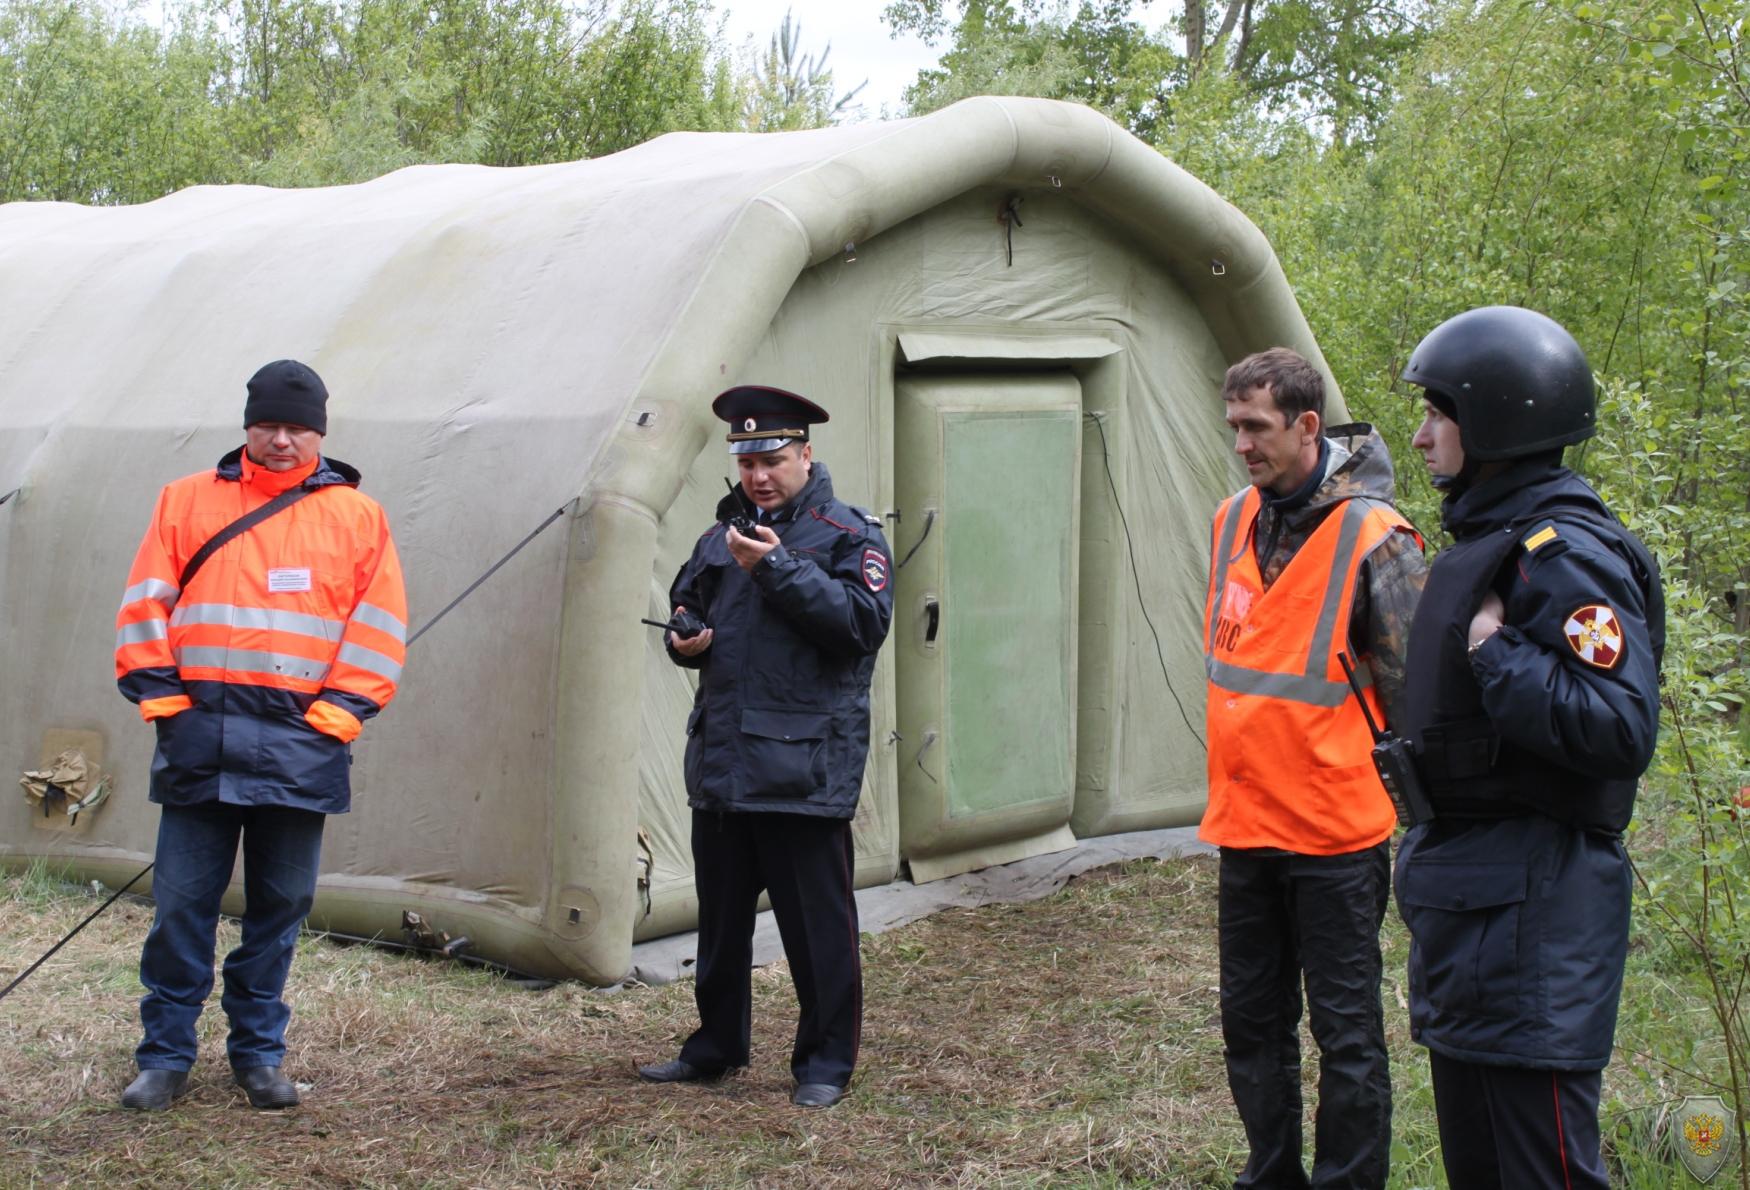 В городе Котлас Архангельской области состоялось тактико-специальное учение по пресечению террористического акта на объекте воздушного транспорта